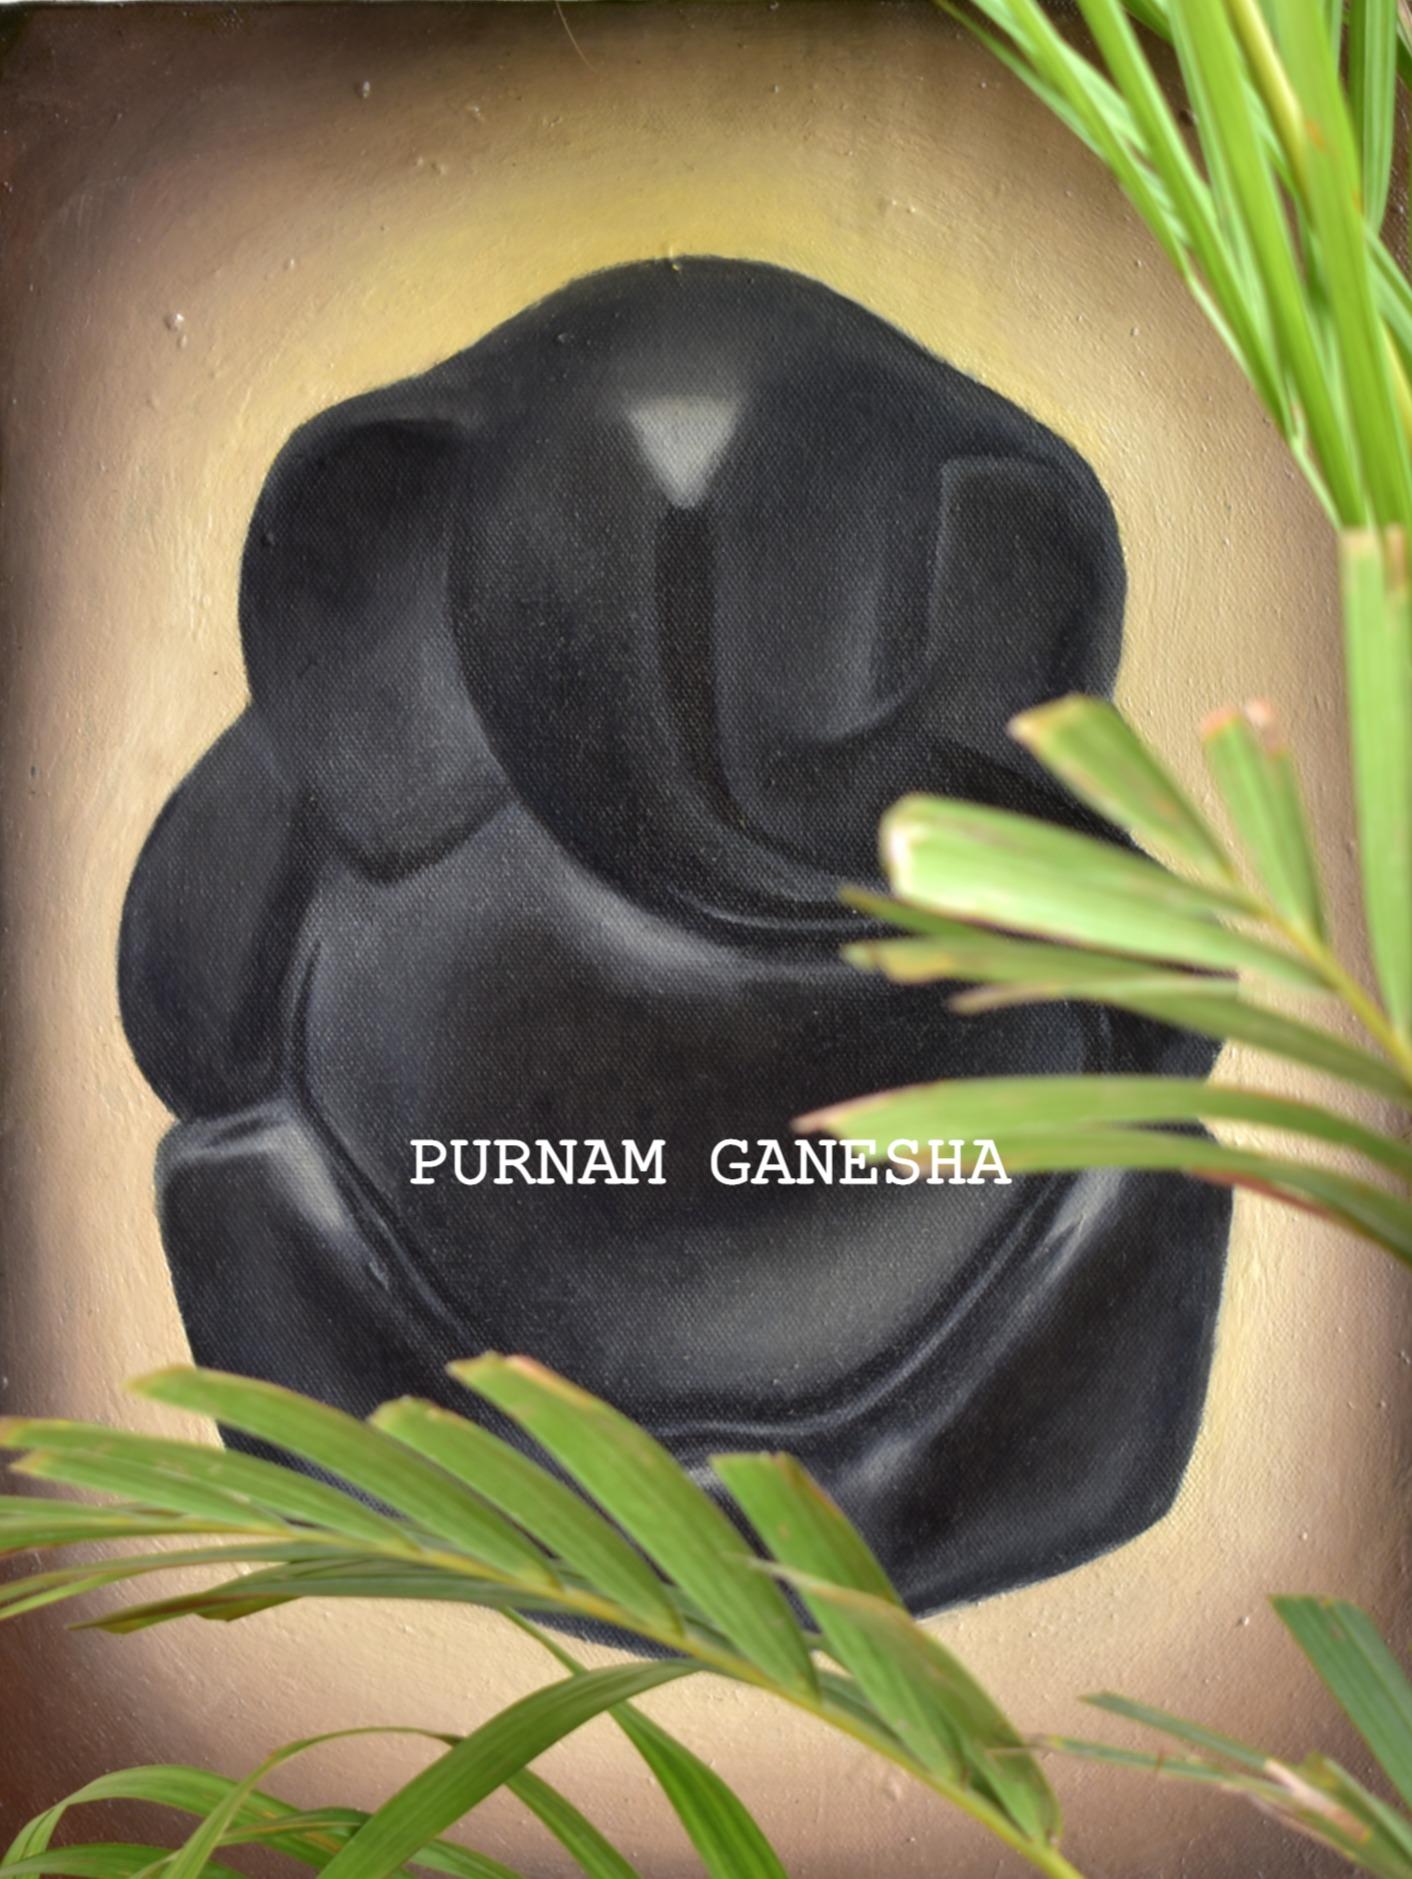 PURNAM GANESHA